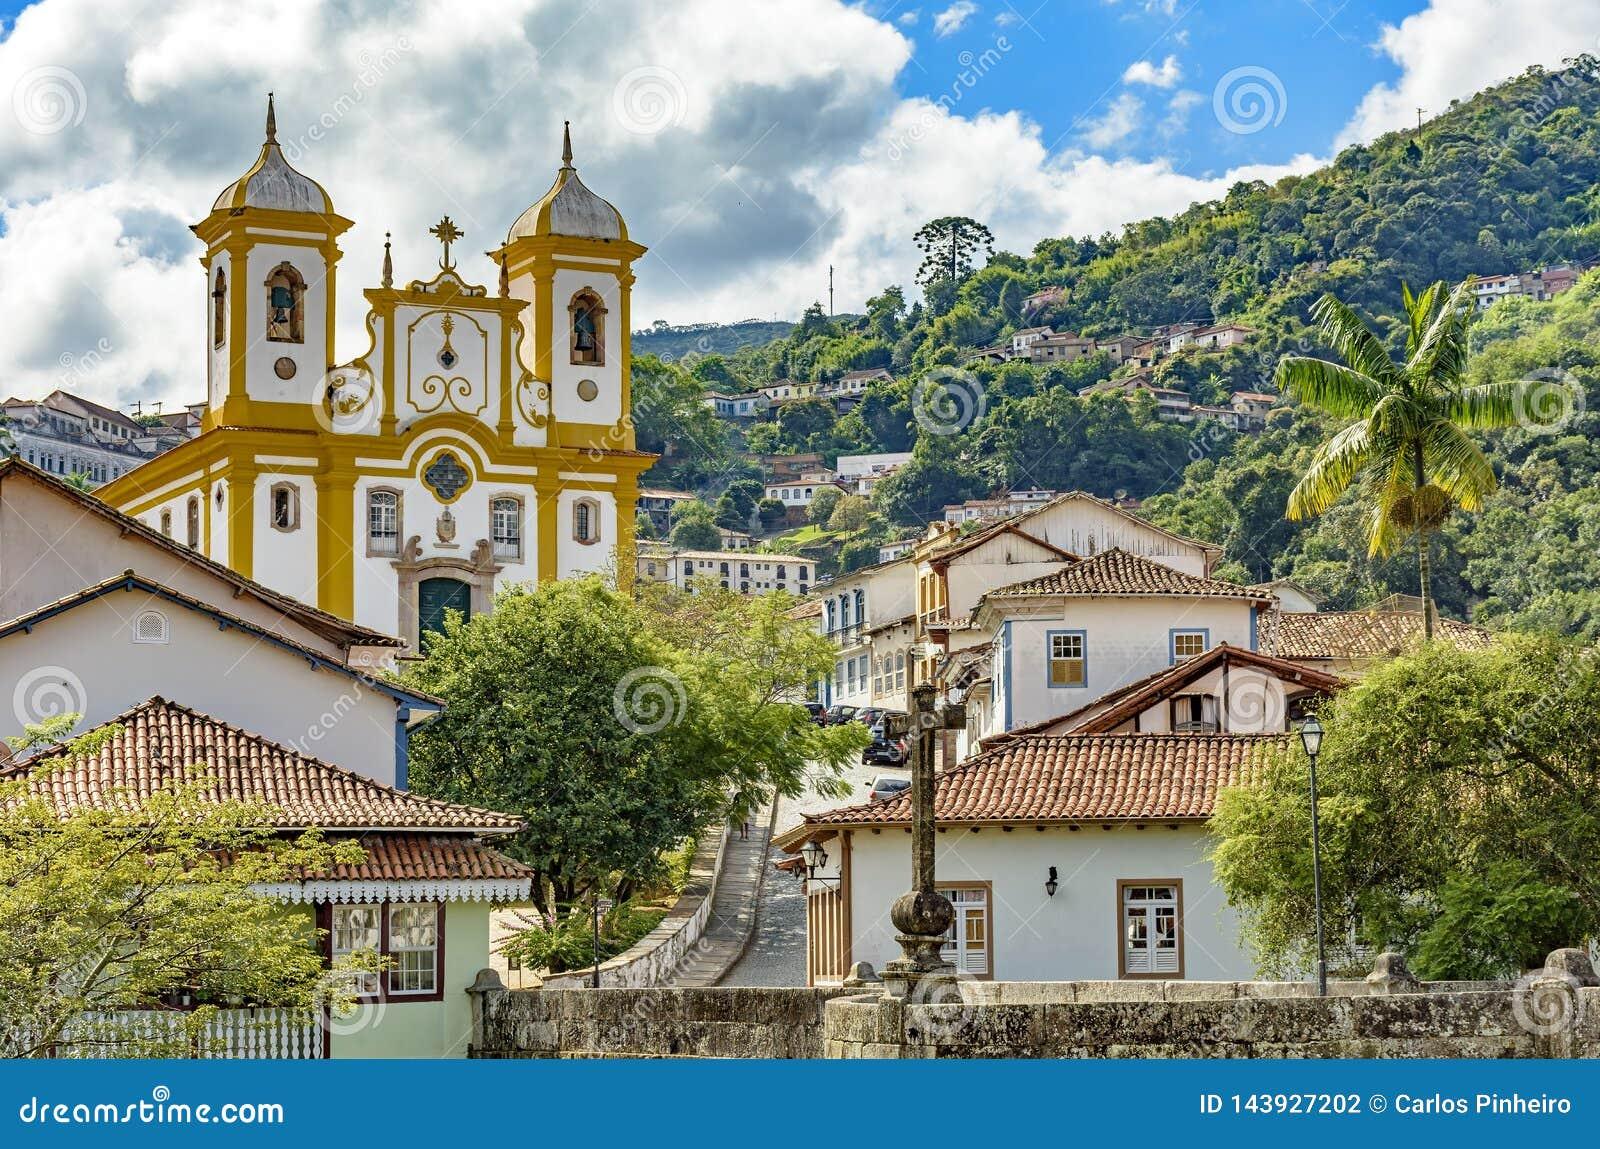 Ansicht der Mitte der historischen Stadt Ouro Preto in Minas Gerais